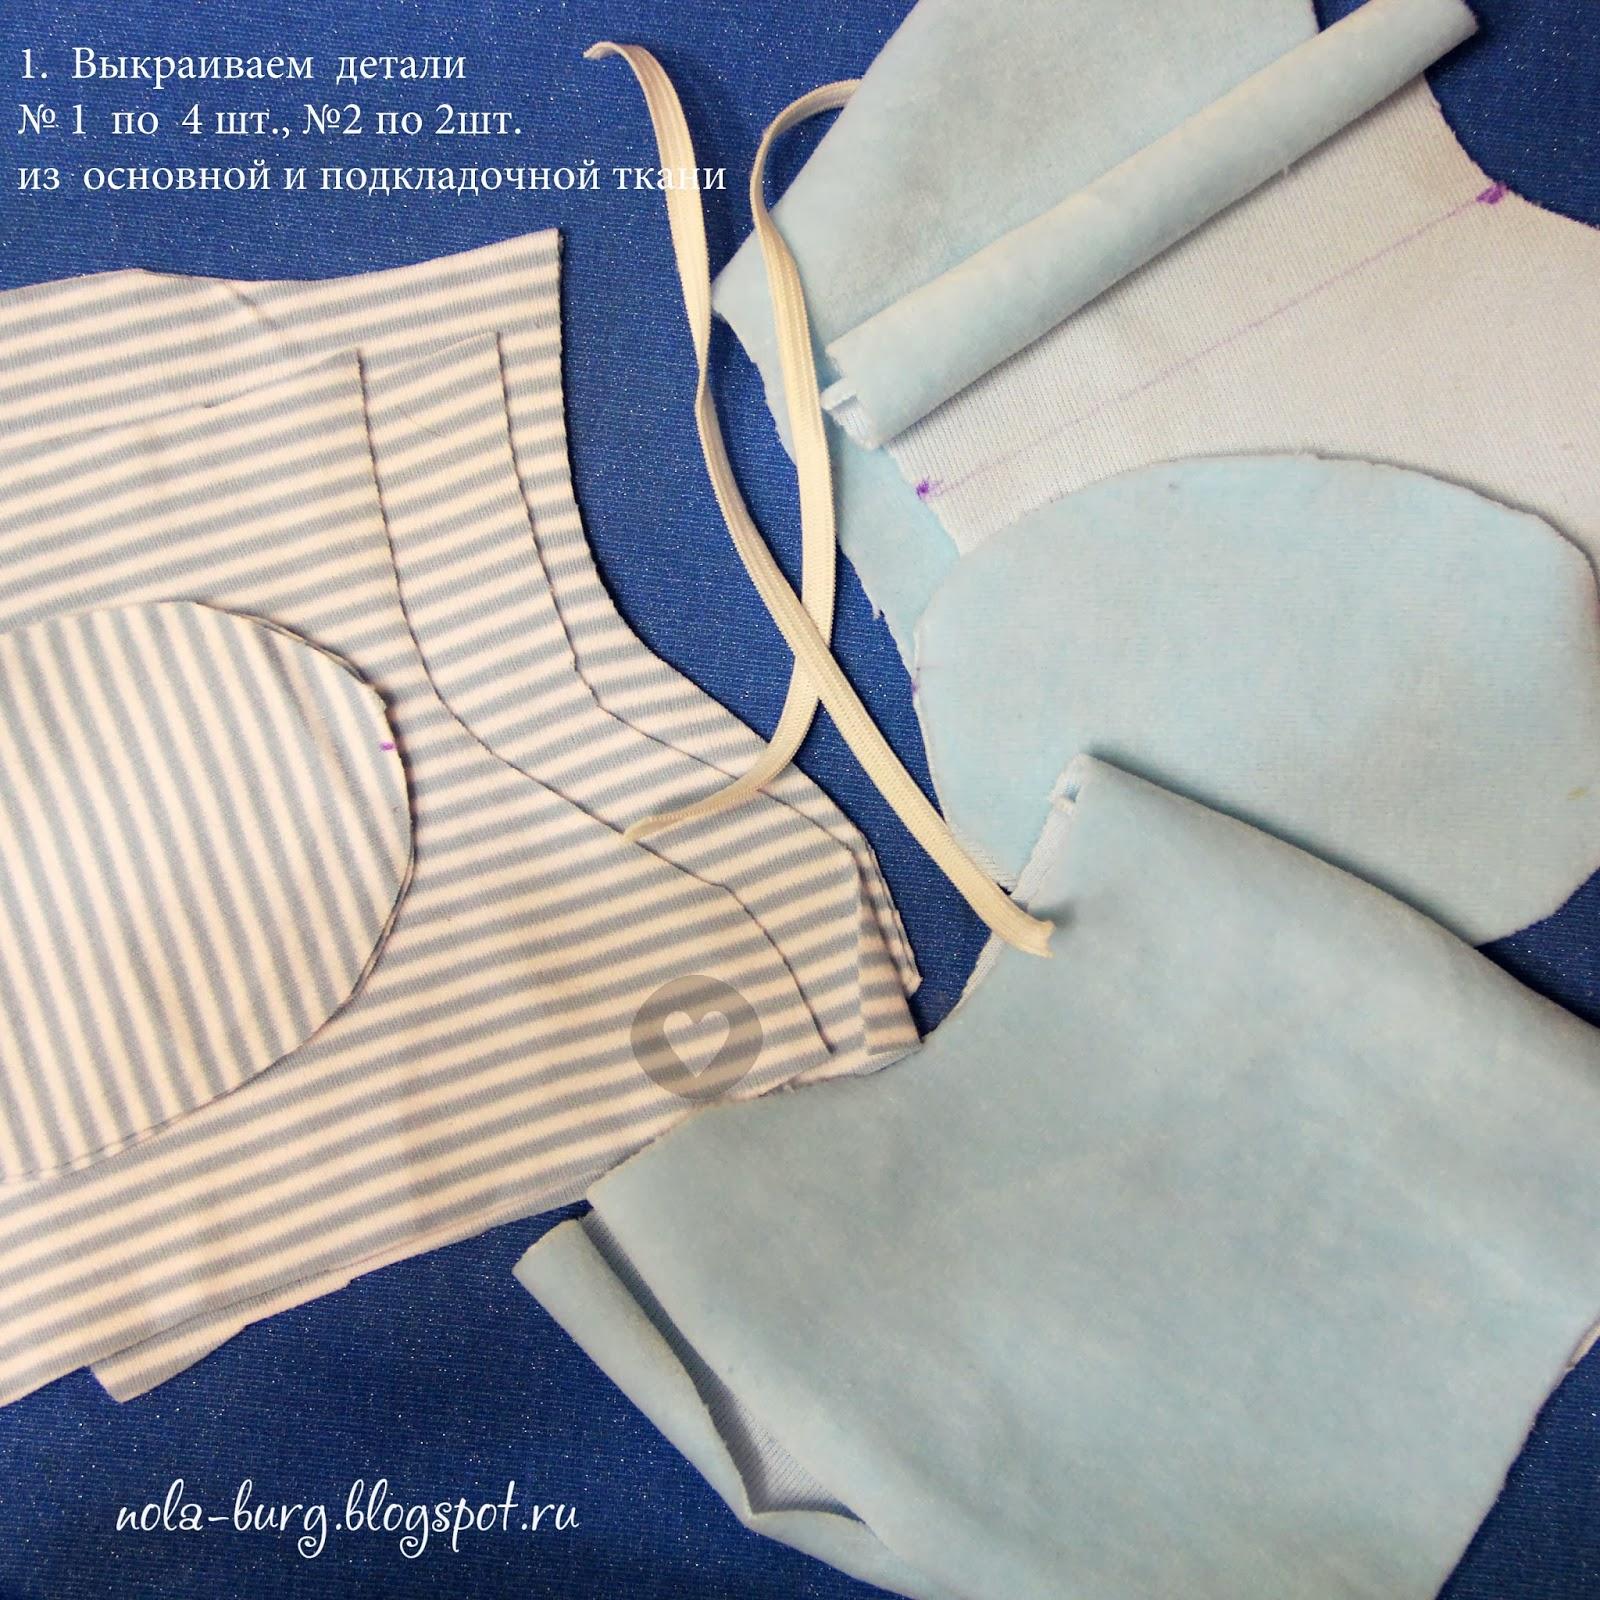 Как шить из ткани с пайетками, как пришивать, как украшать 50